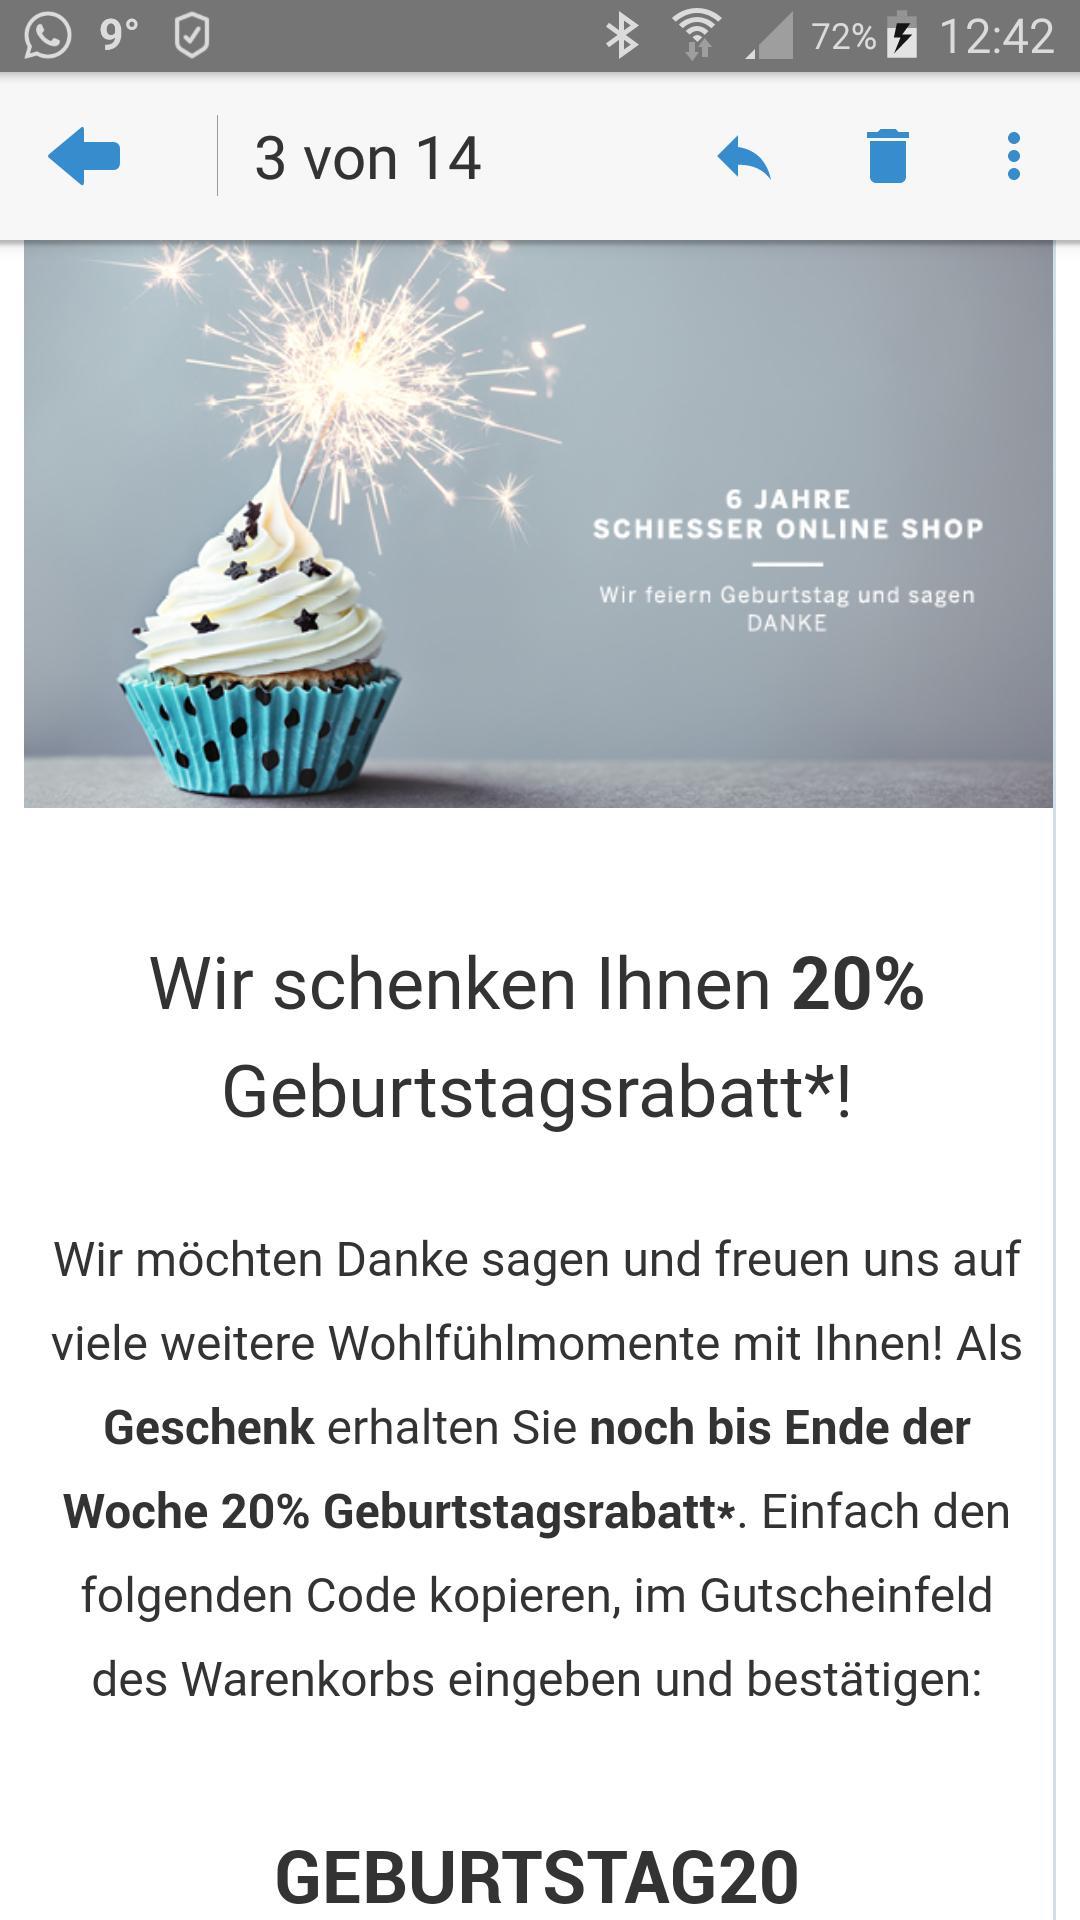 20 % bei Schiesser Online